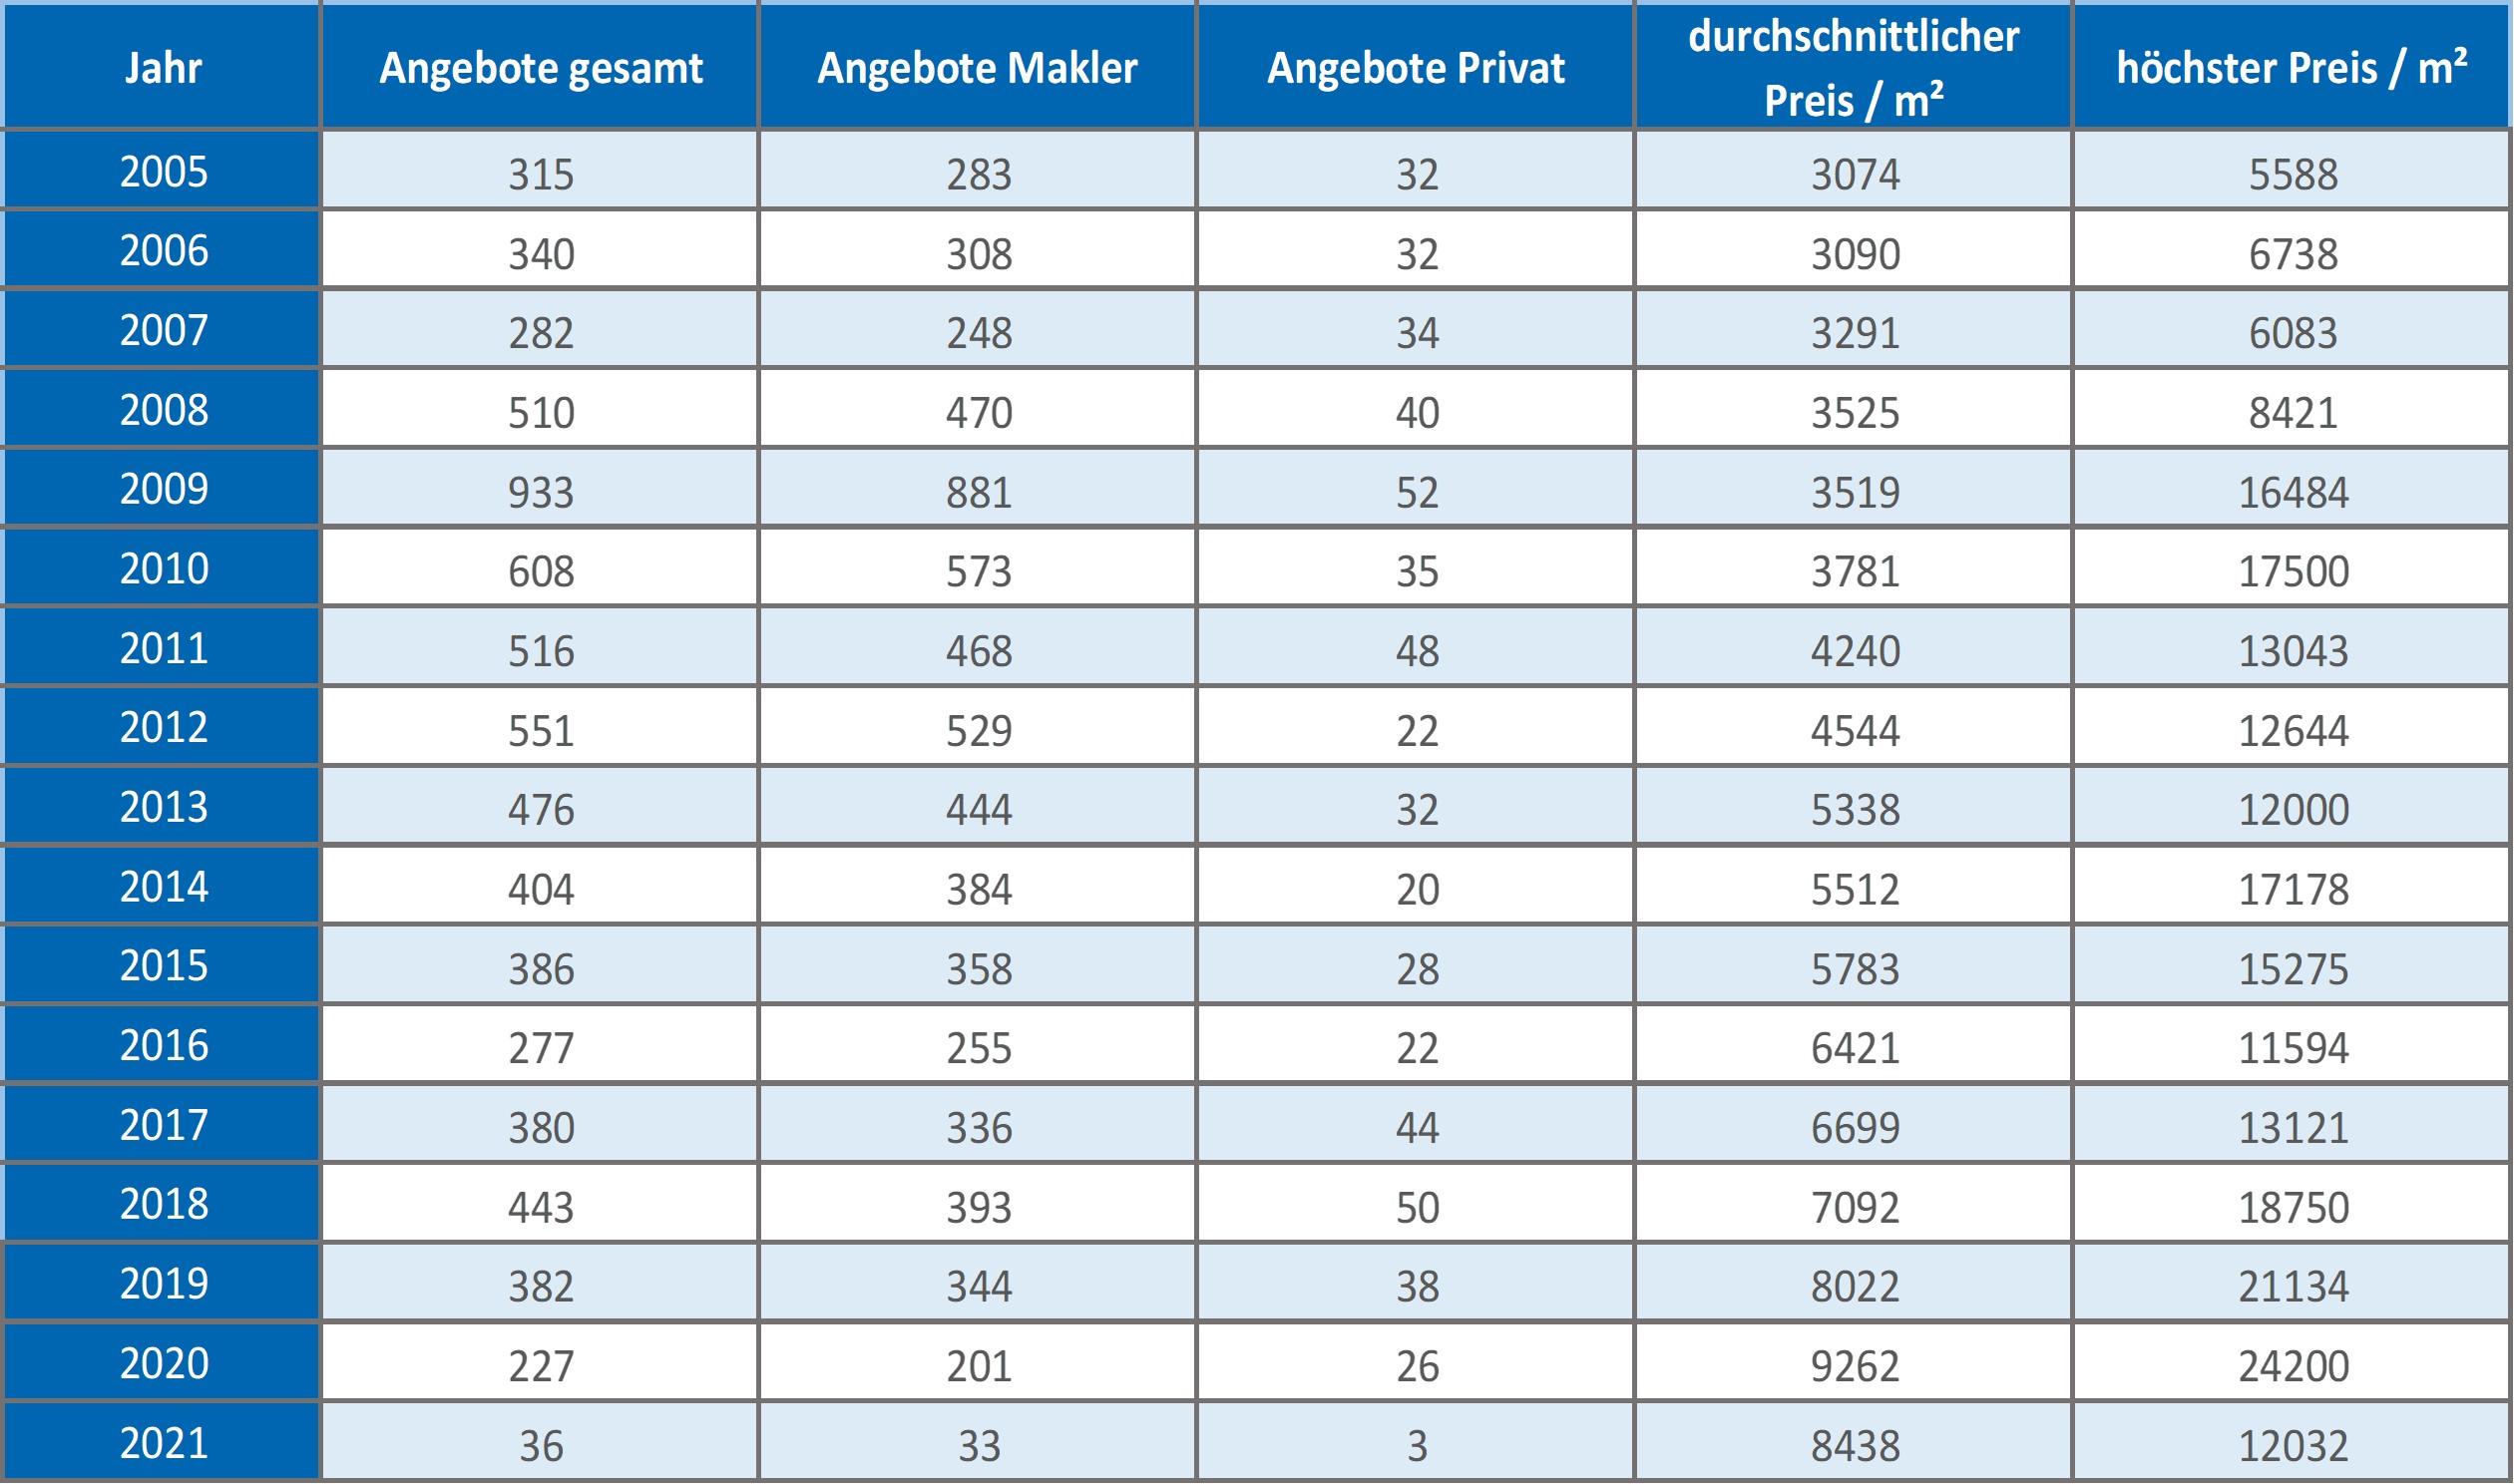 München-Trudering-Haus-Kaufen-Verkaufen-Makler 2019 2020 2021